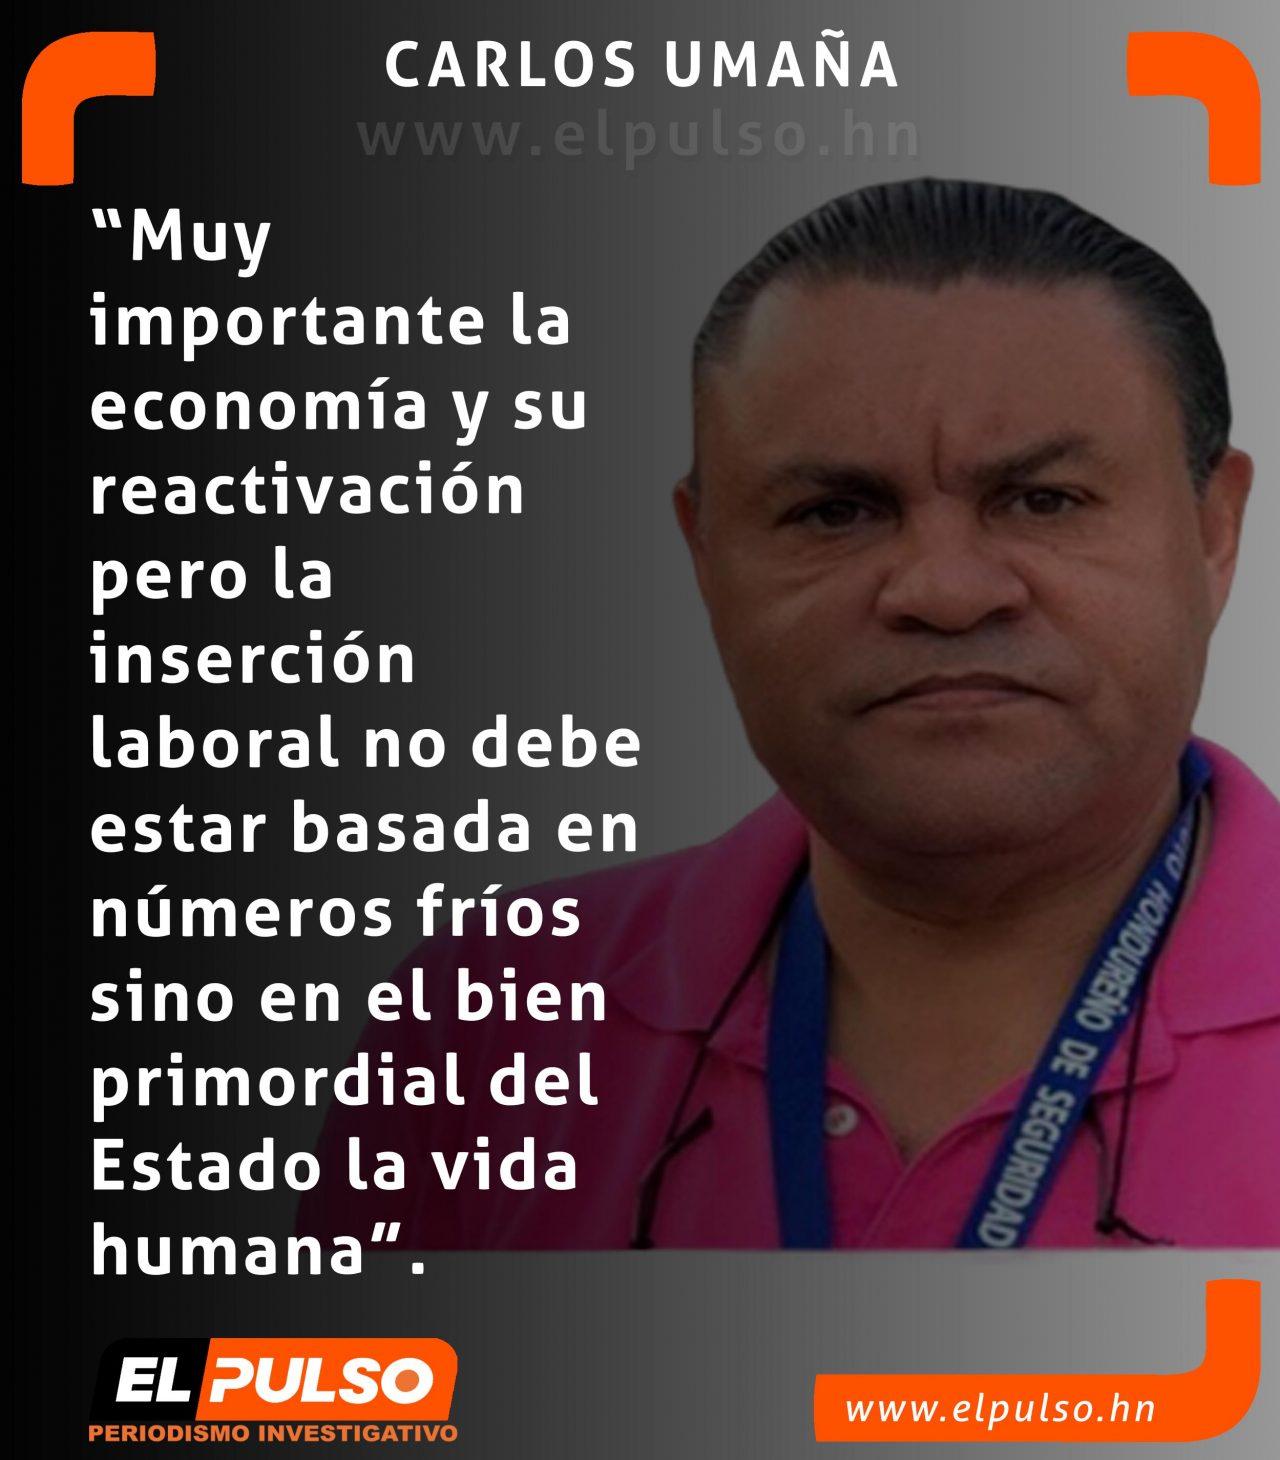 http://elpulso.hn/wp-content/uploads/2020/04/Umaña-1280x1460.jpg